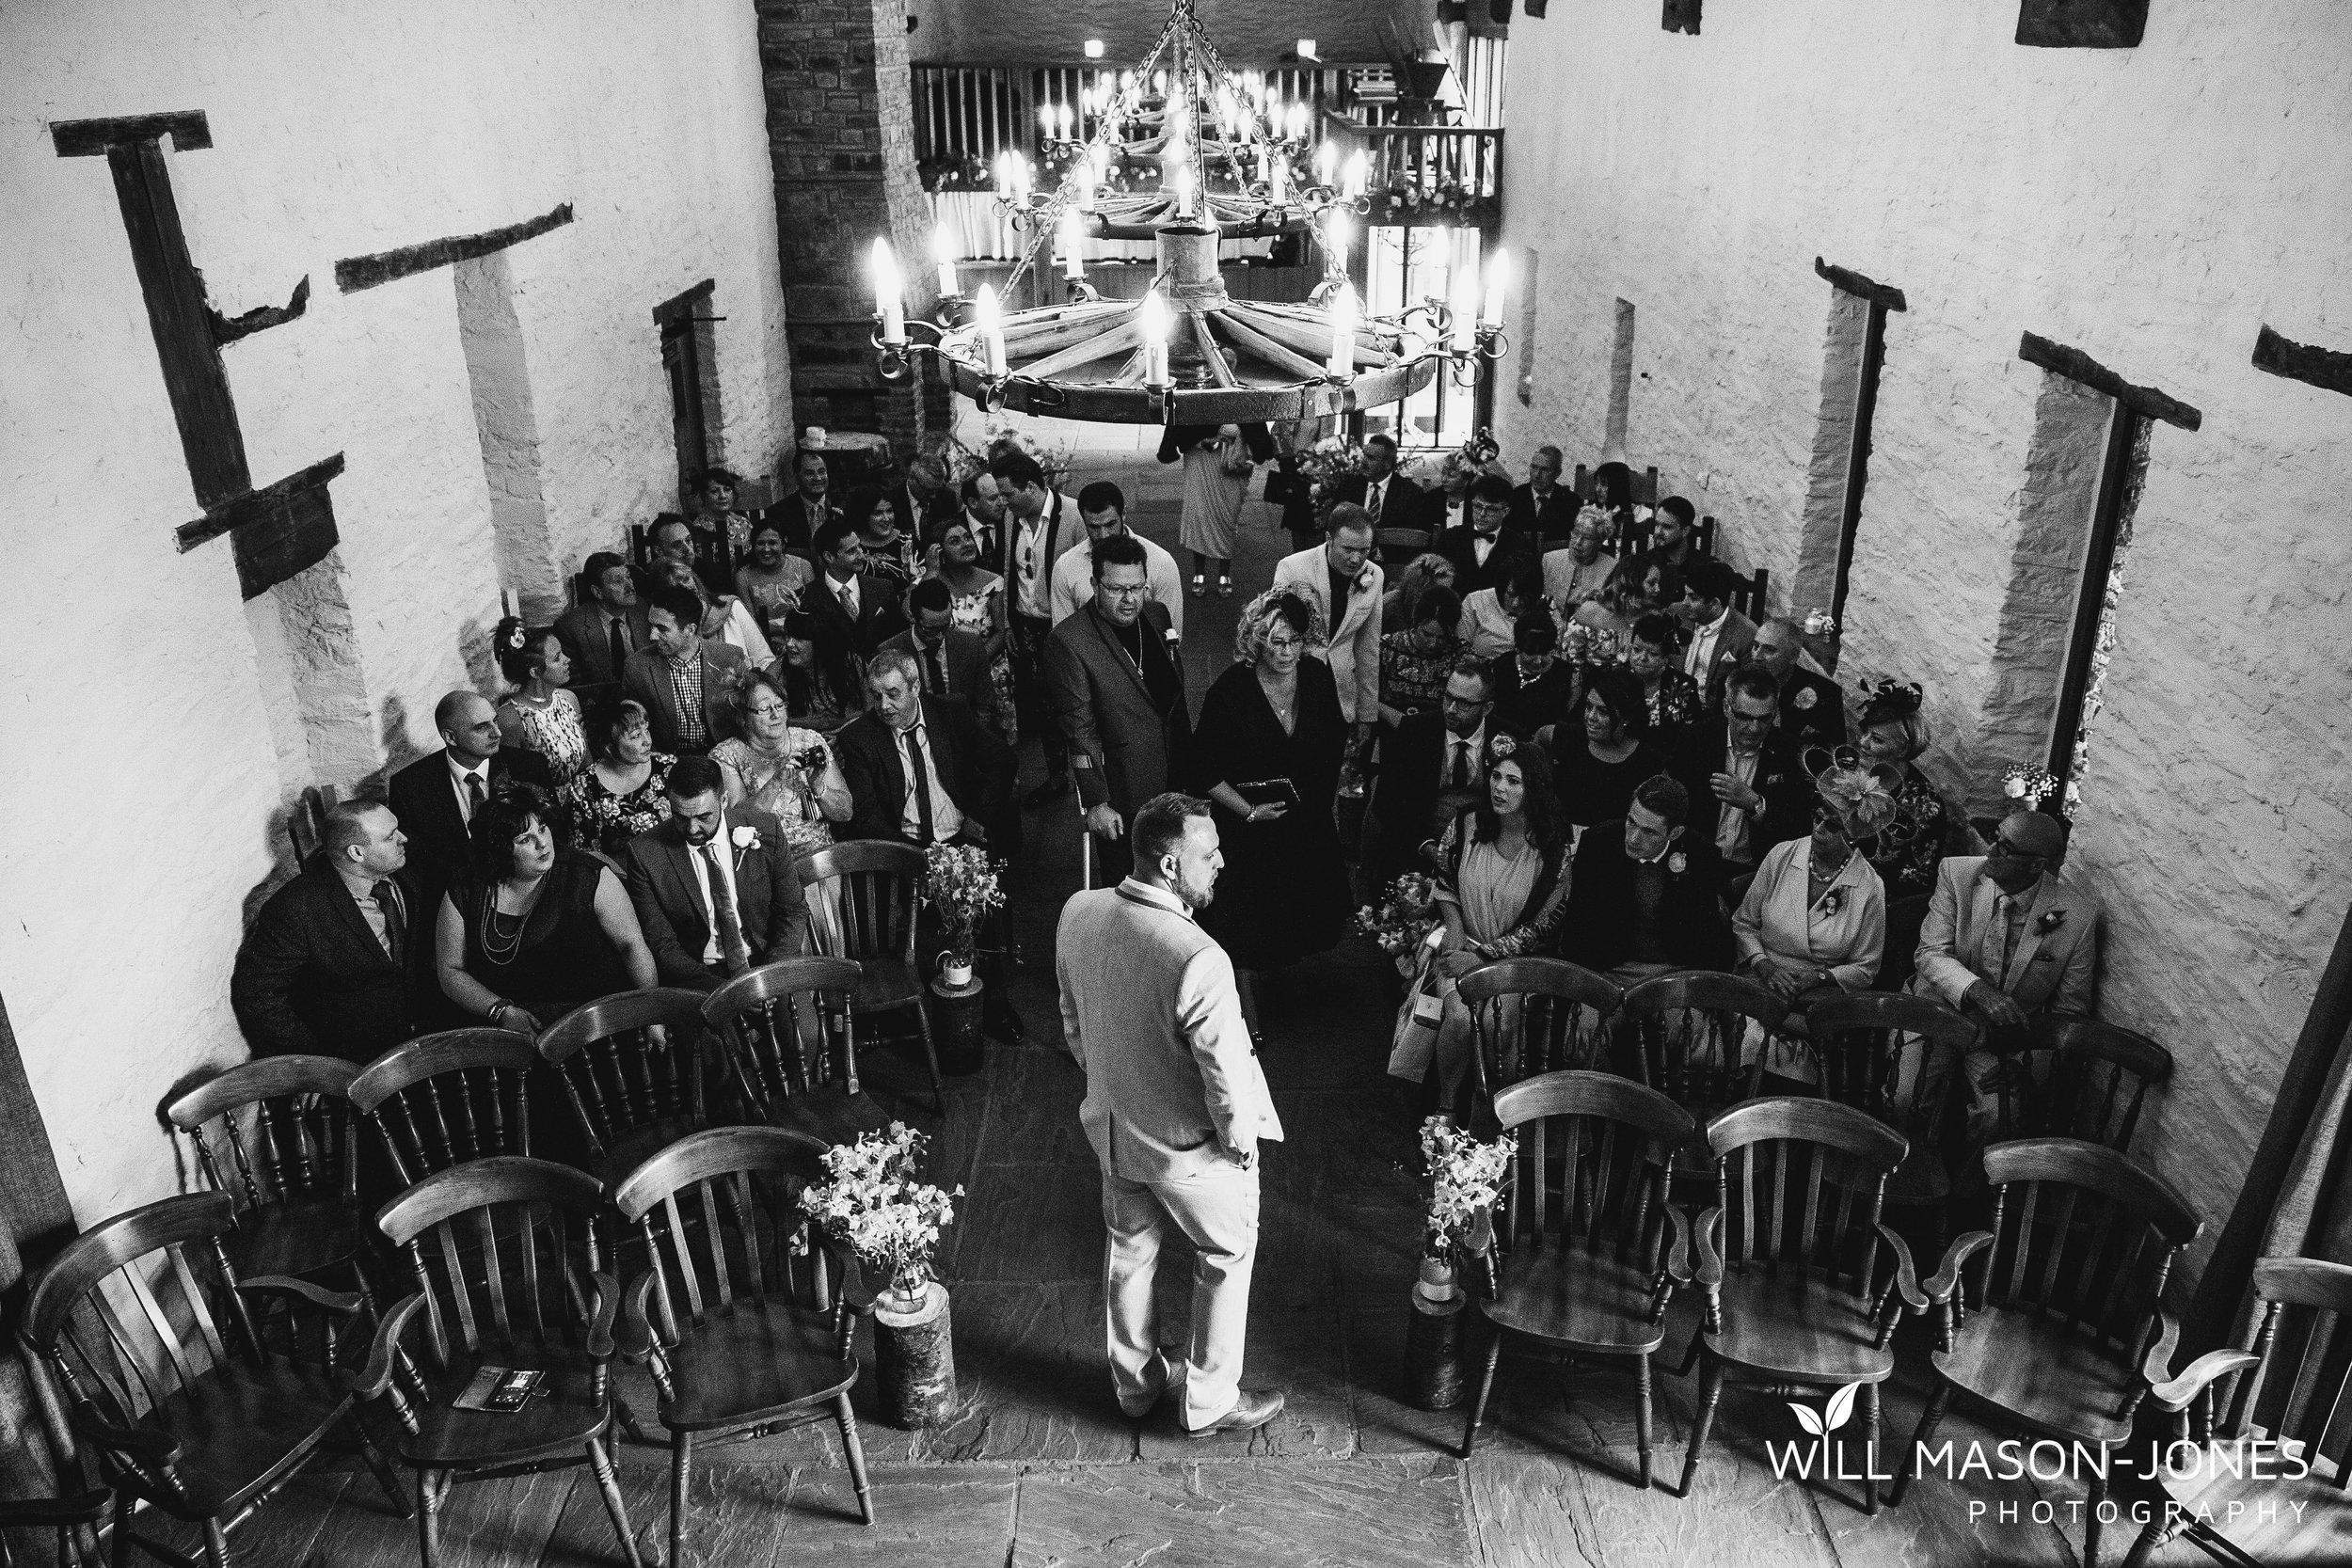 barn-y-brynych-brecon-swansea-wedding-photographer-cardiff-6.jpg